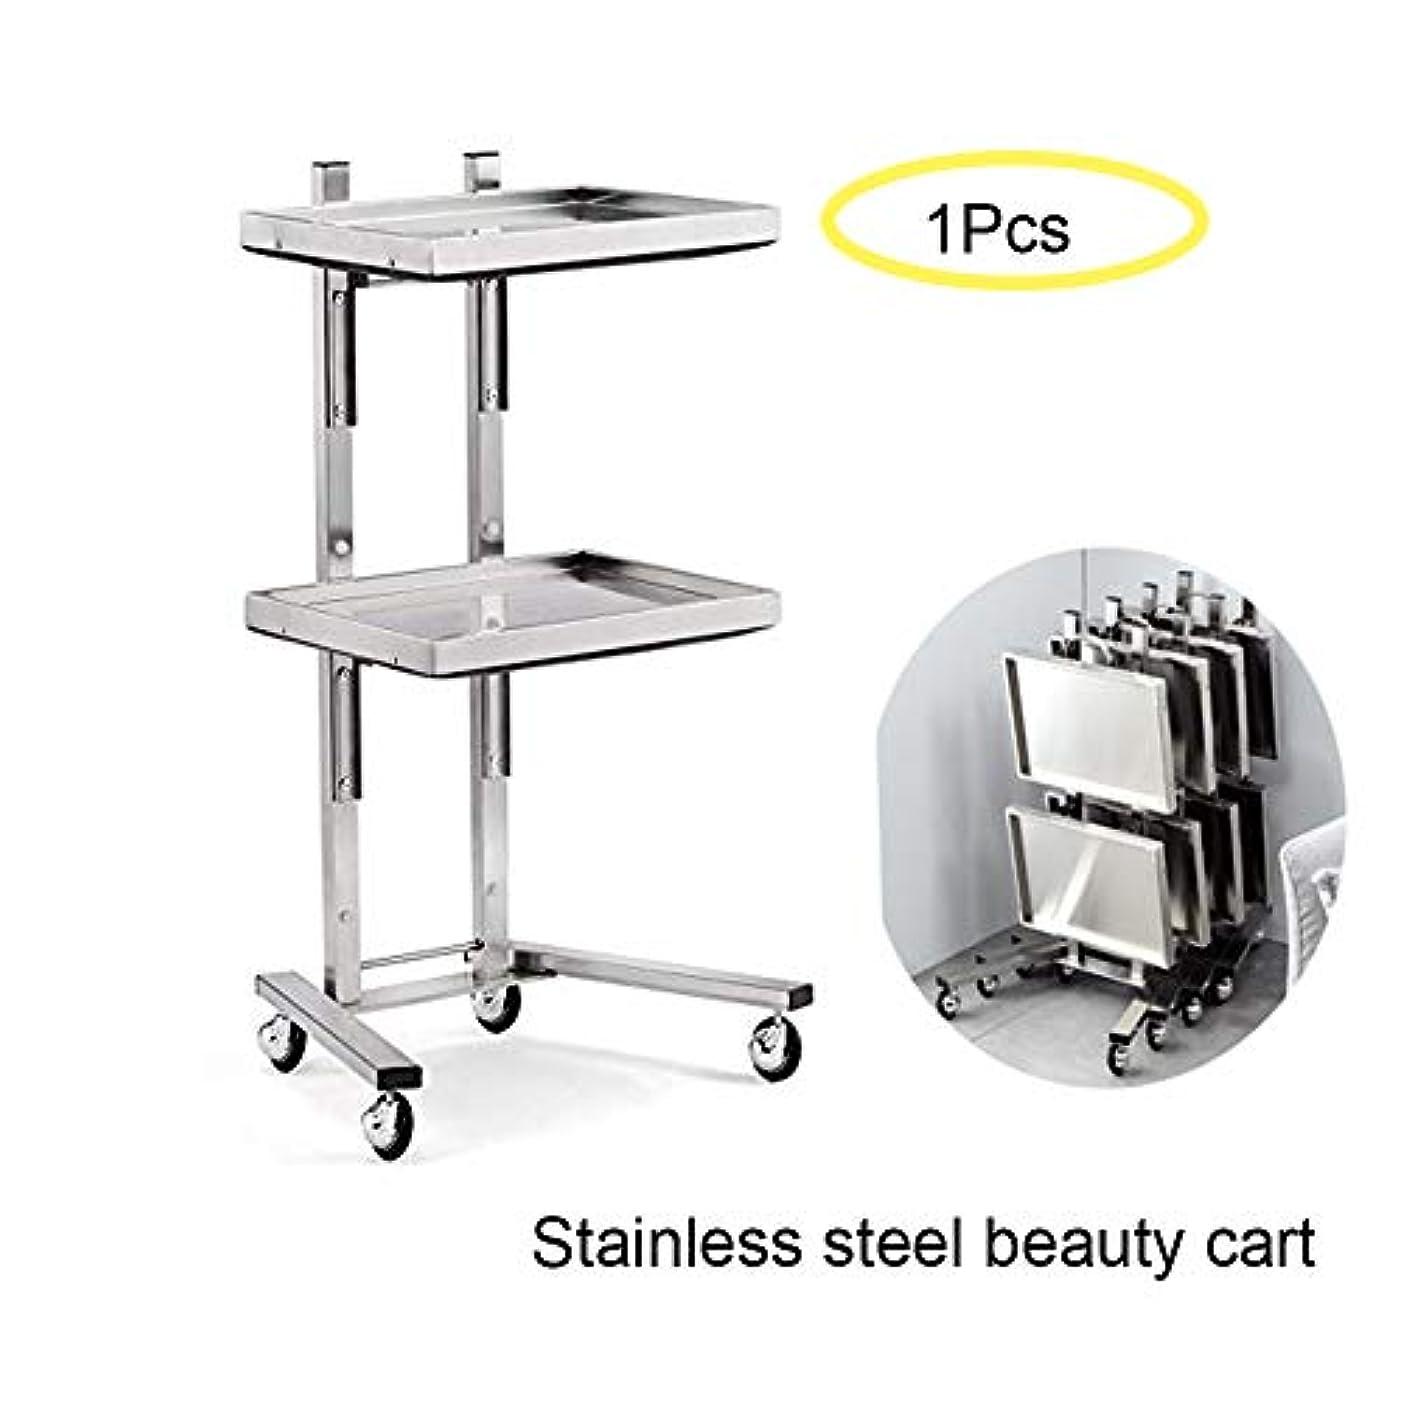 スパーク解釈実施する美容院の貯蔵のトロリーカート、4つの車輪および2つの引出しが付いているヘアローラーのカート、美容院の構造のカート,Silver